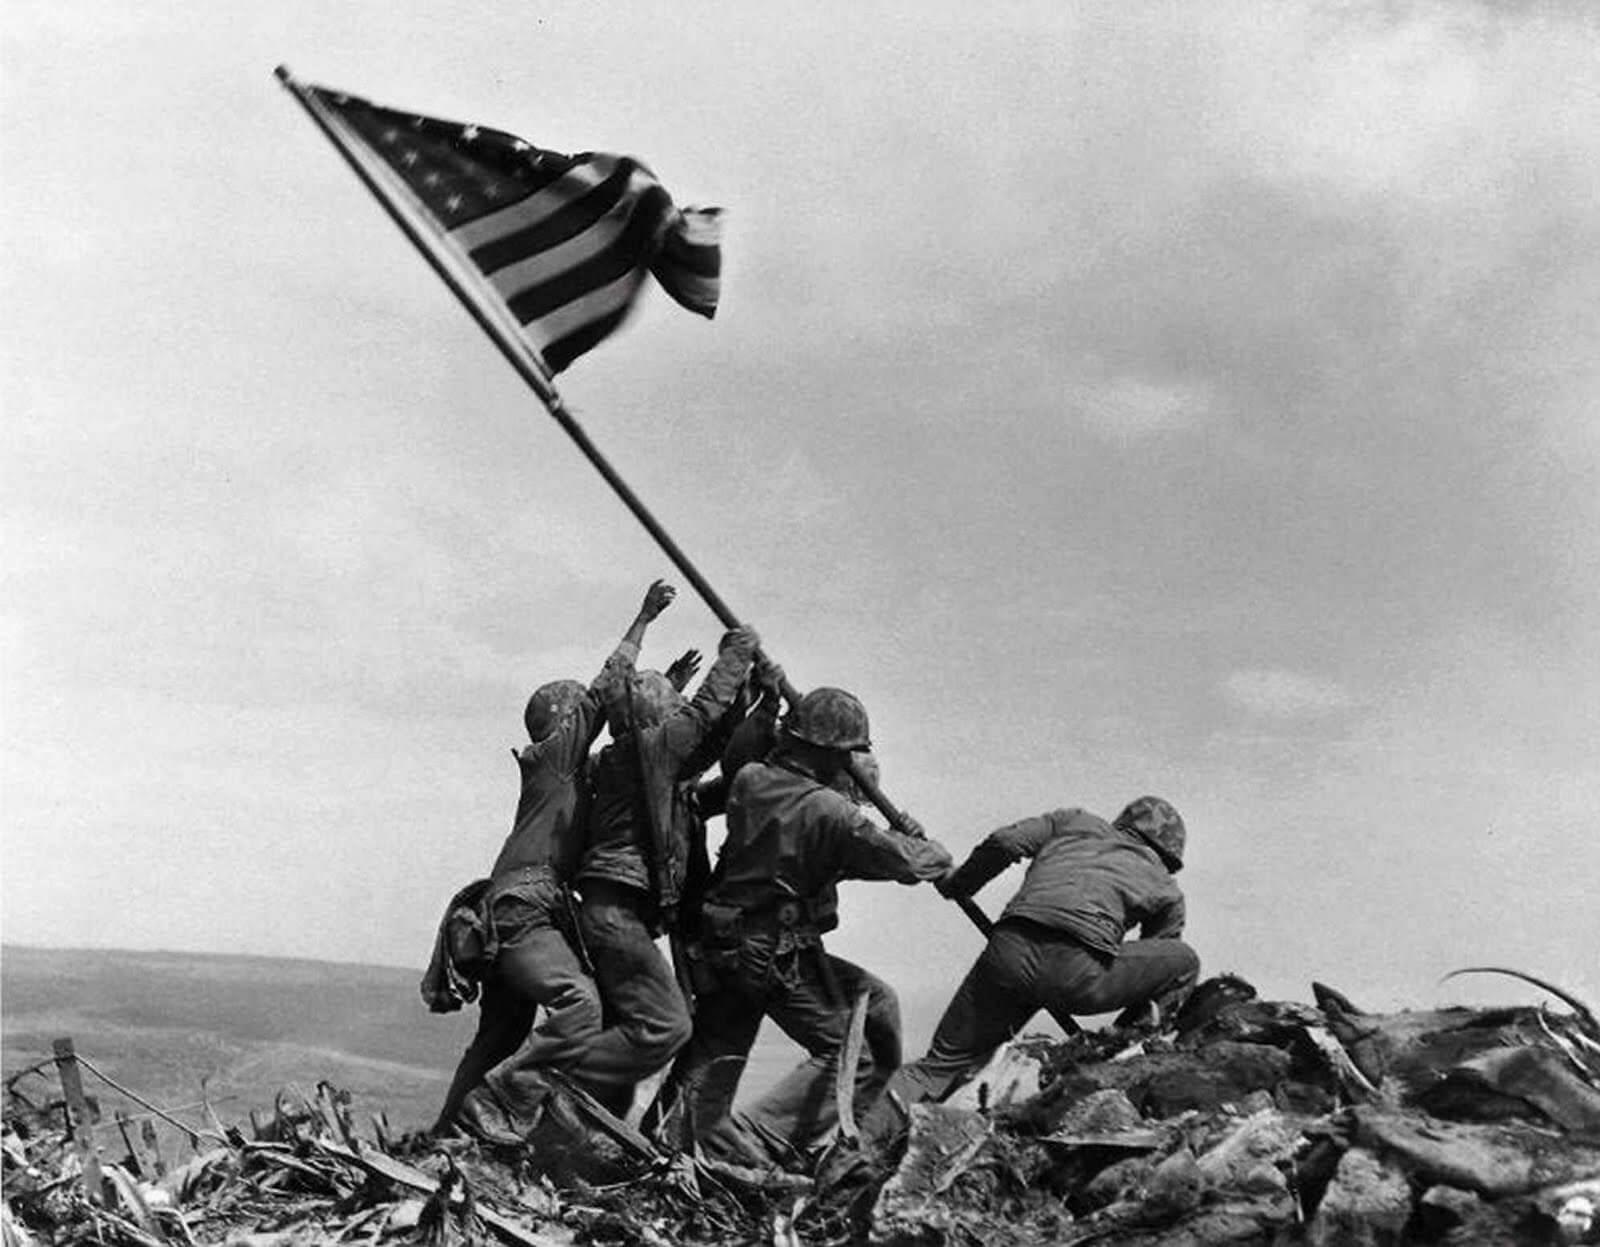 Alzando la bandera en Iwo Jima, 1945. Fotografía de Joe Rosenthal